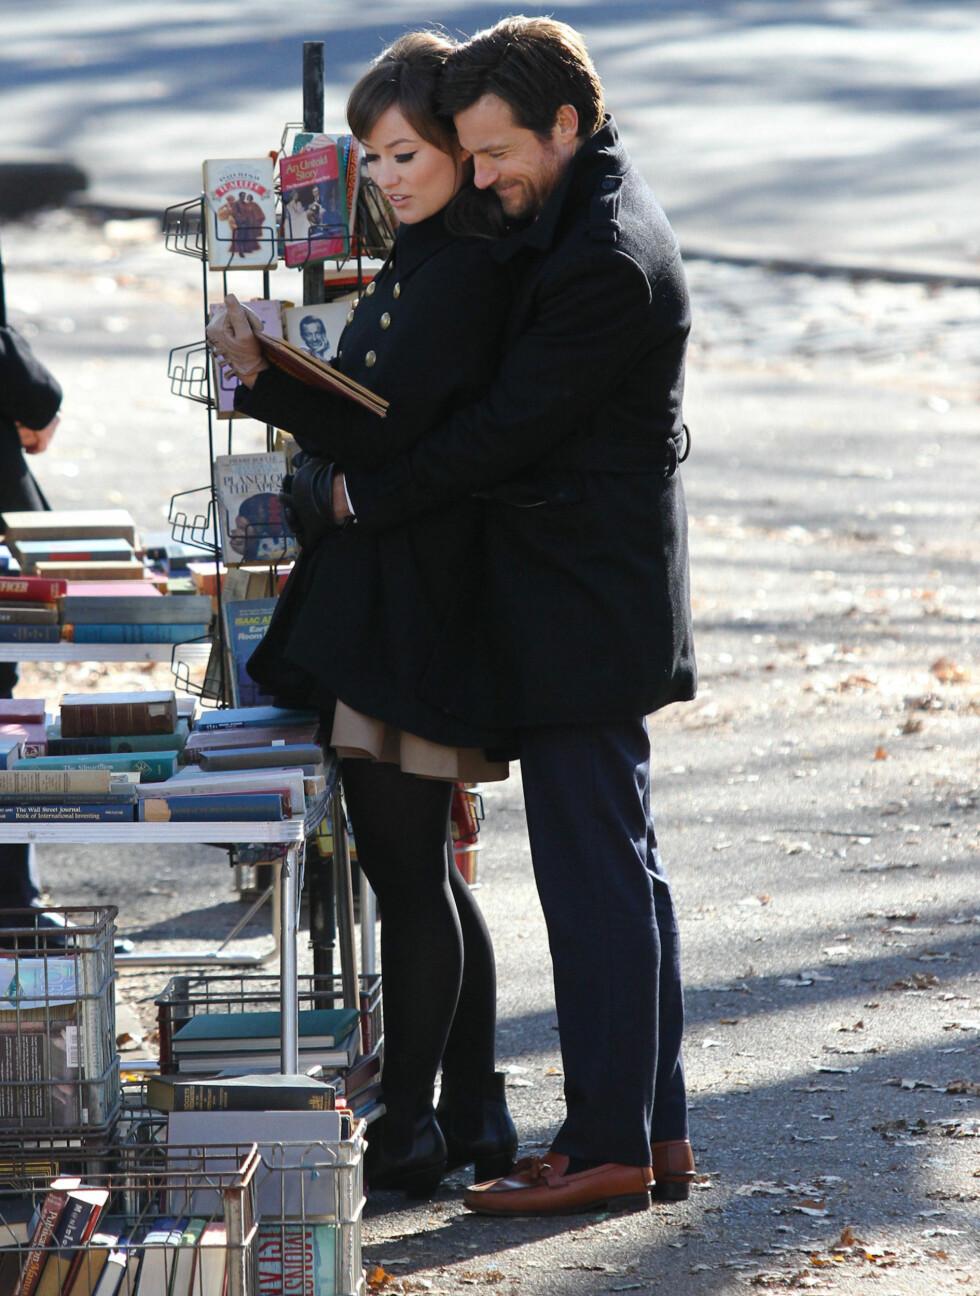 <strong>ROMANTISK:</strong> Olivia Wilde og Jason Bateman spiller inn filmen The Longest Week i Central Park i New York. Foto: Stella Pictures